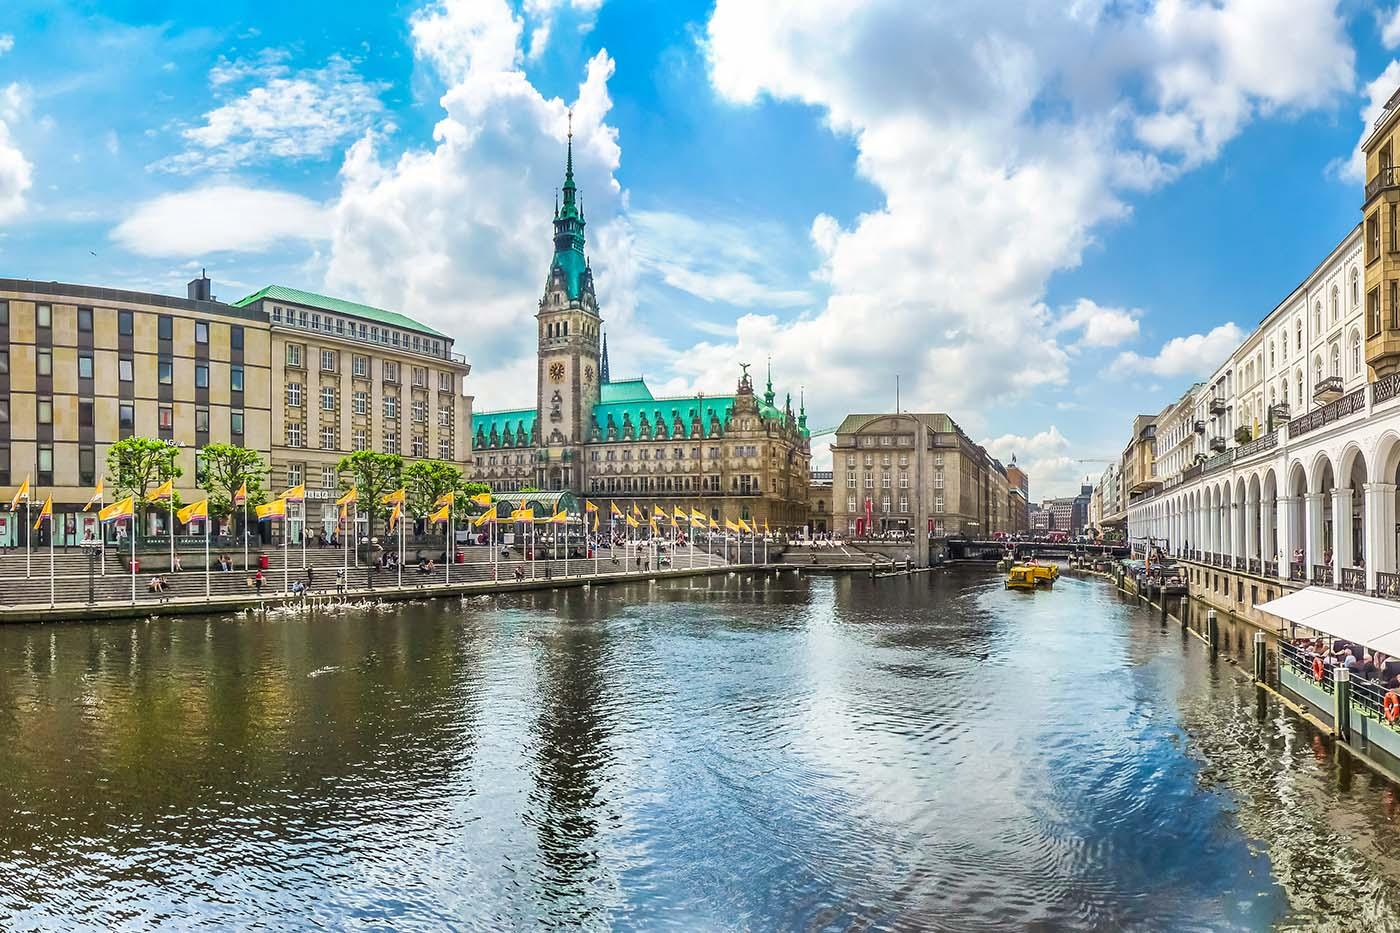 Dolmetschdienste Hamburg